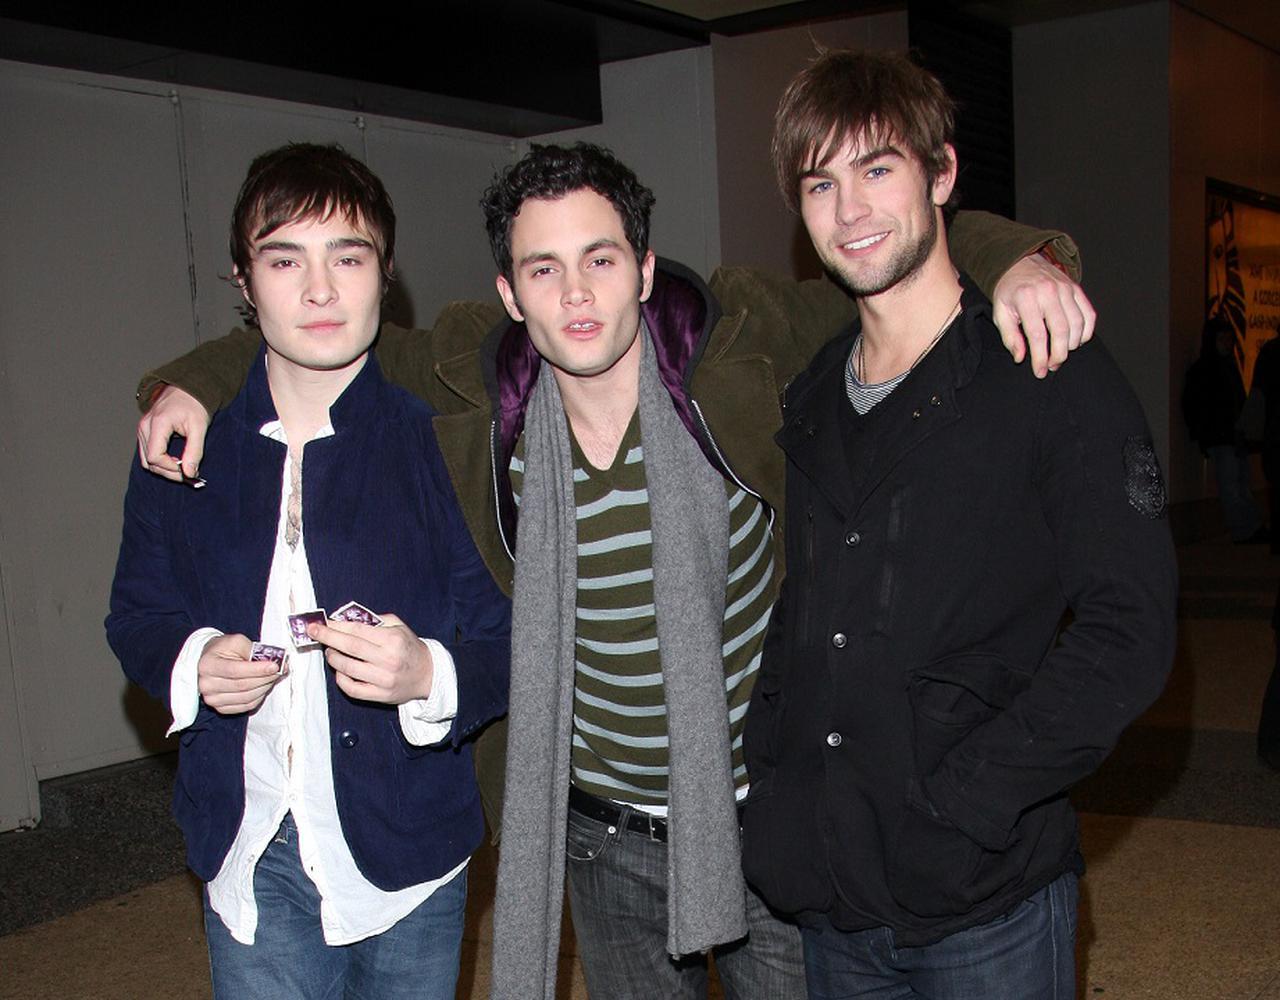 画像: 2007年放送開始当時のエド・ウェストウィック、ペン・バッジリー、チェイス・クロフォード。